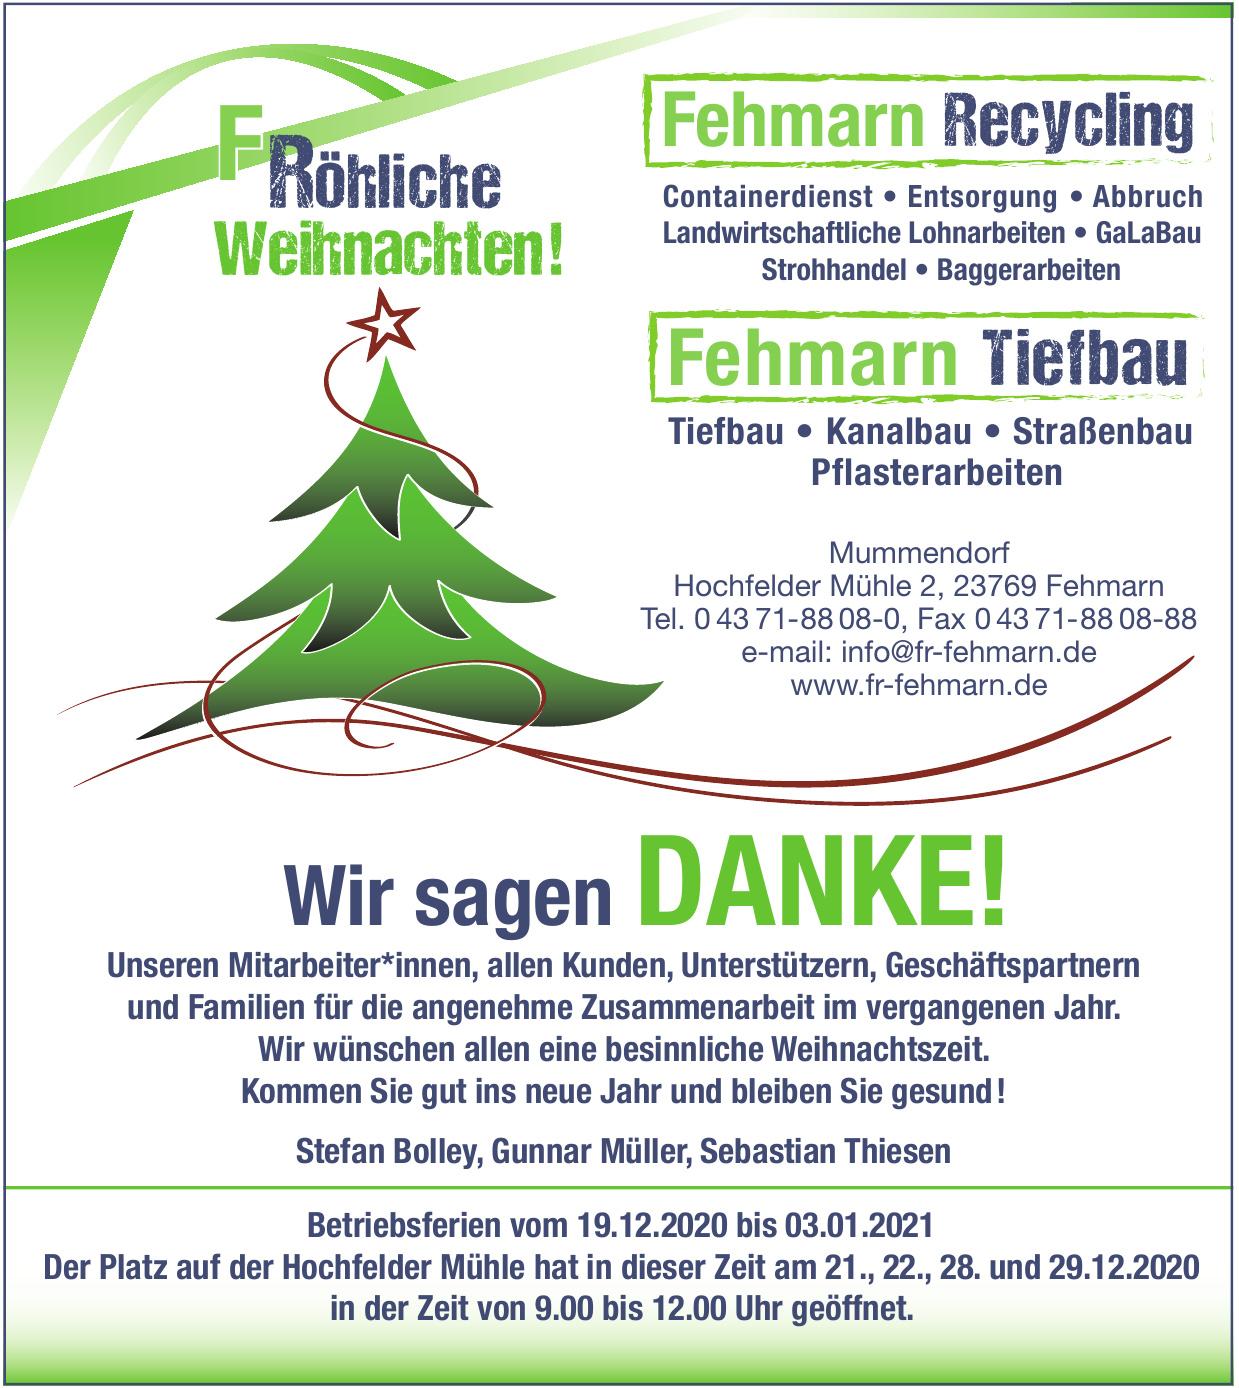 FR-Fehmarn Recycling